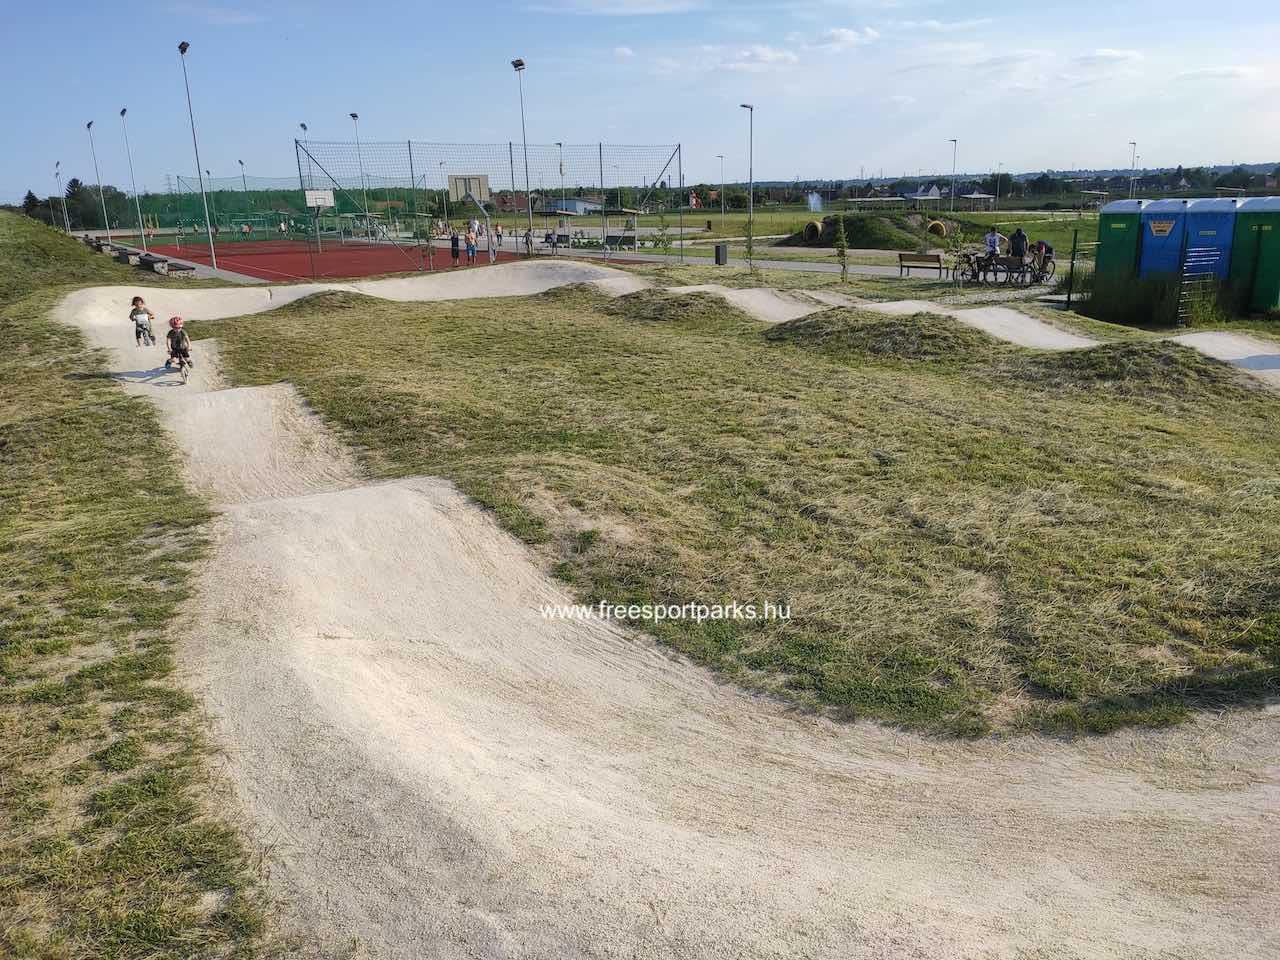 pump track pálya - Érd szabadidőpark - Free Sport Parks térkép